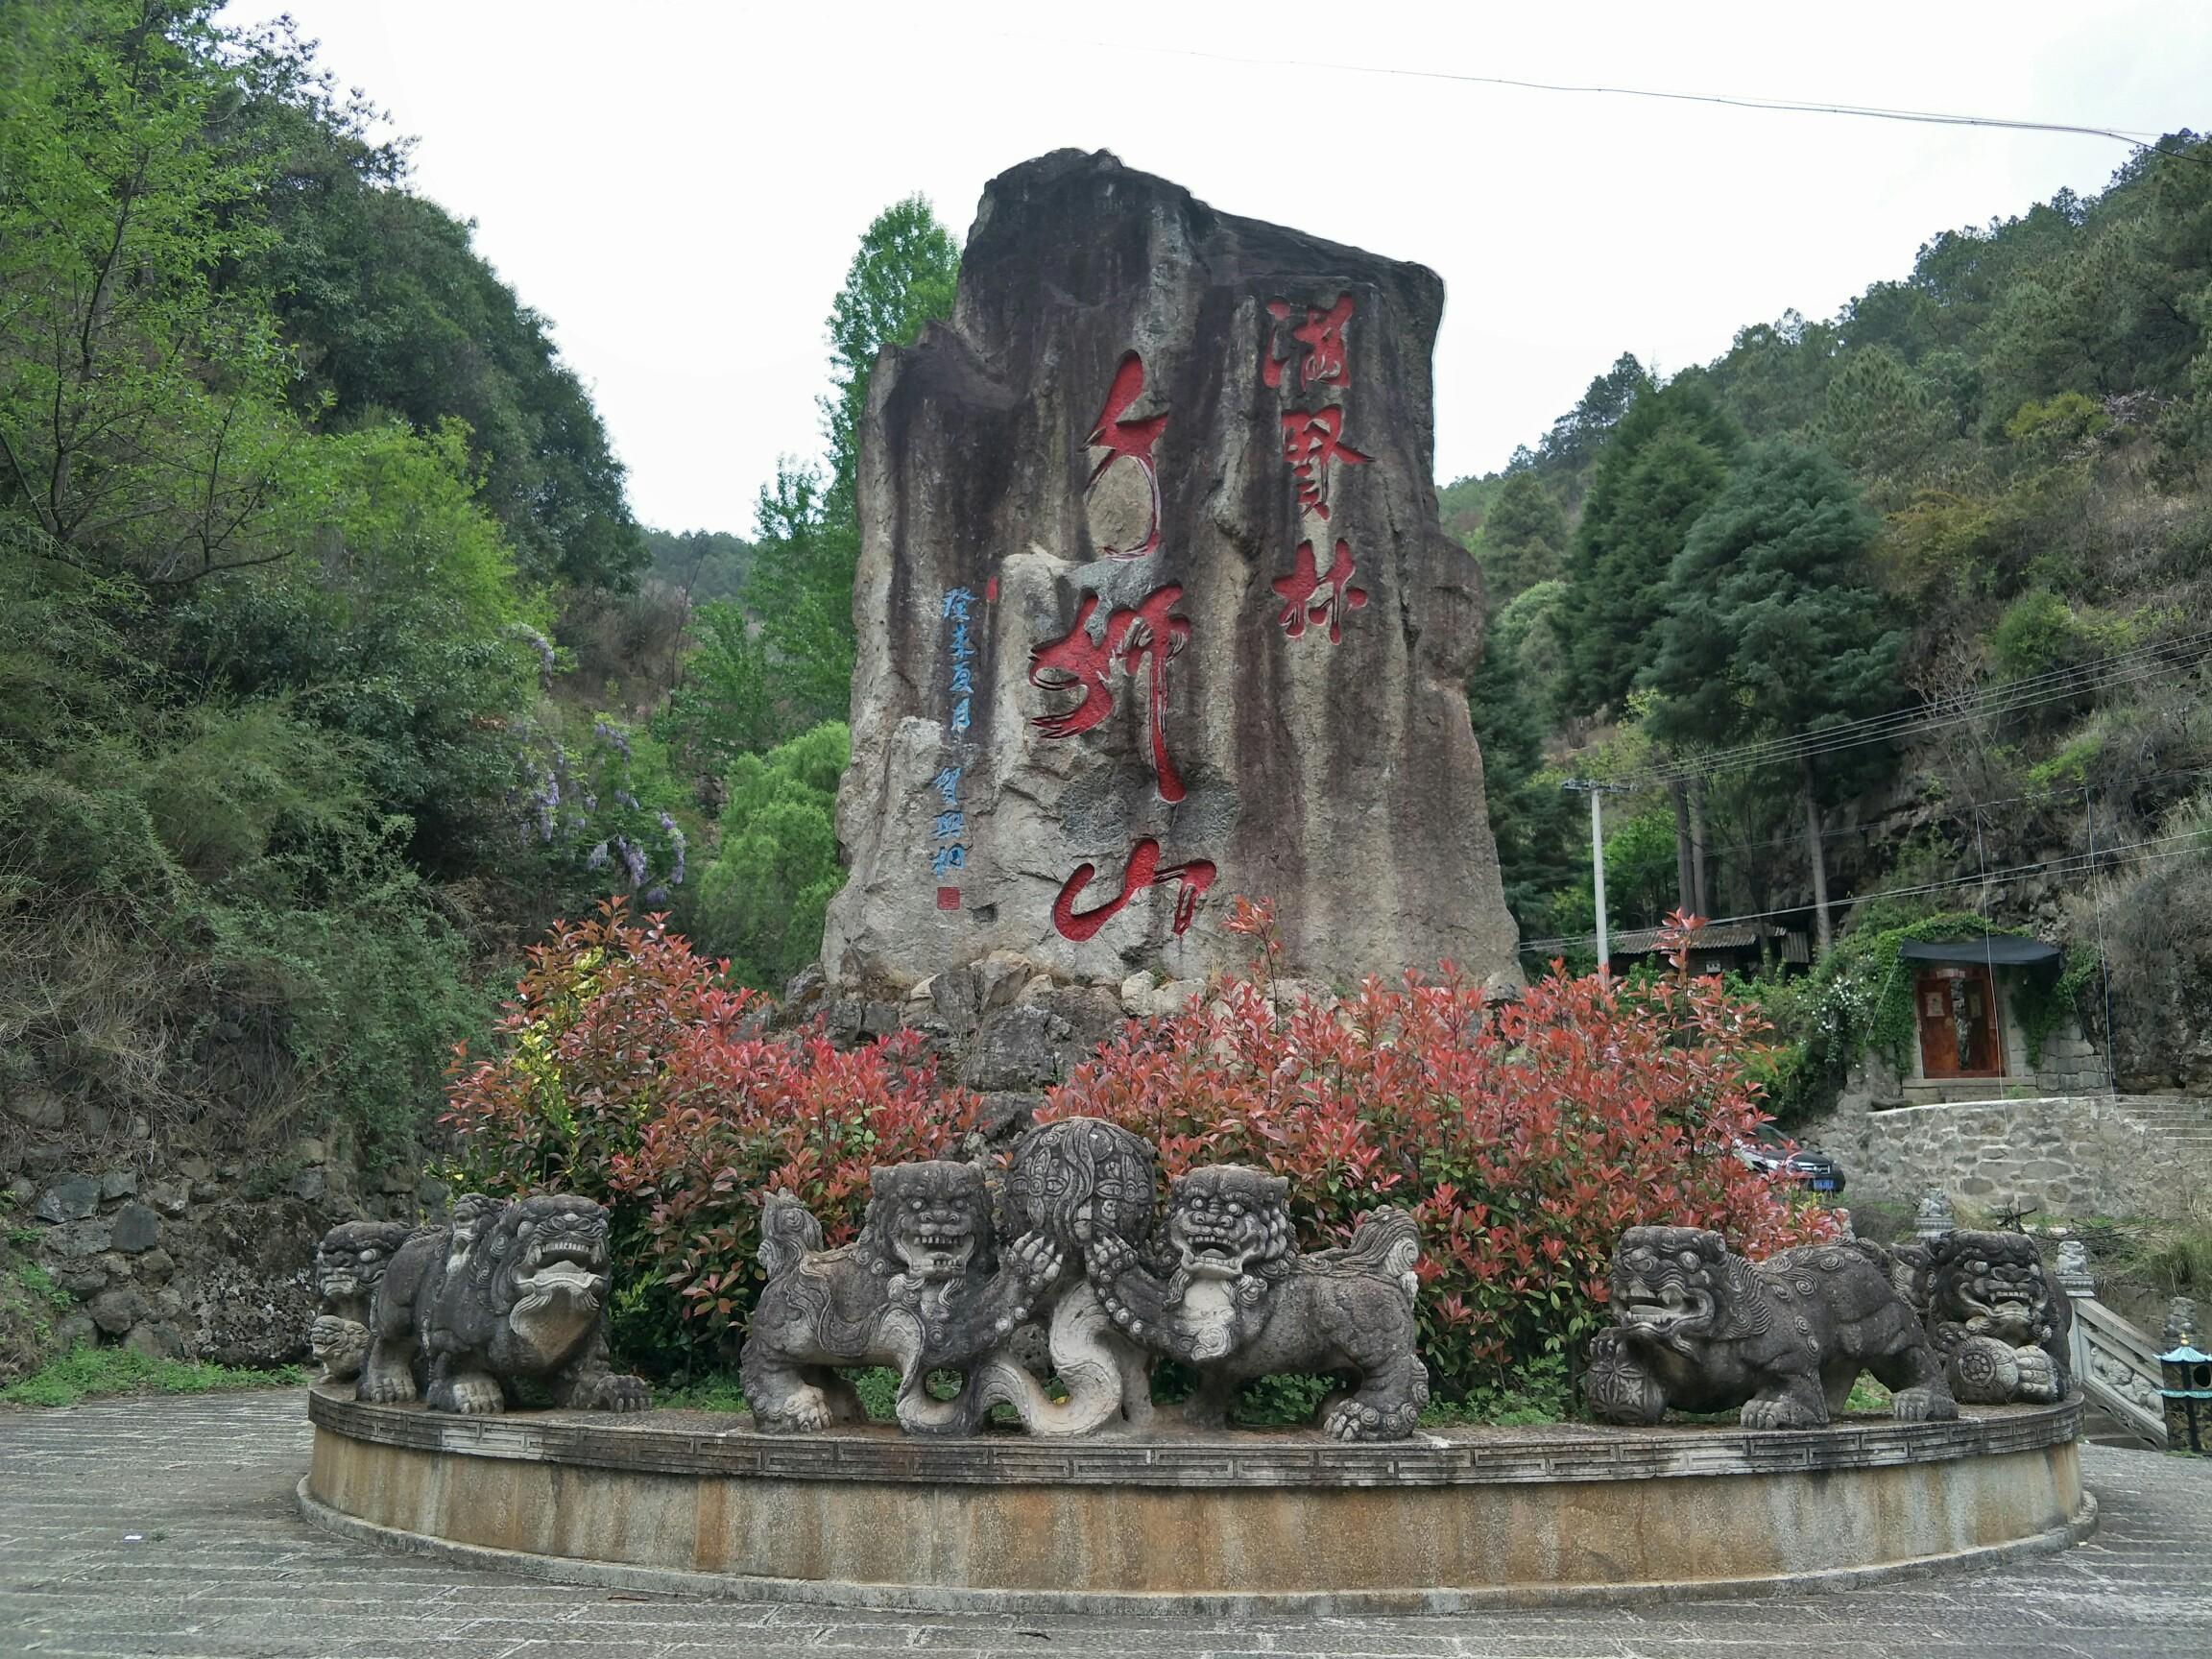 这是今天游剑川千狮山的图片,请大家欣赏.还有.